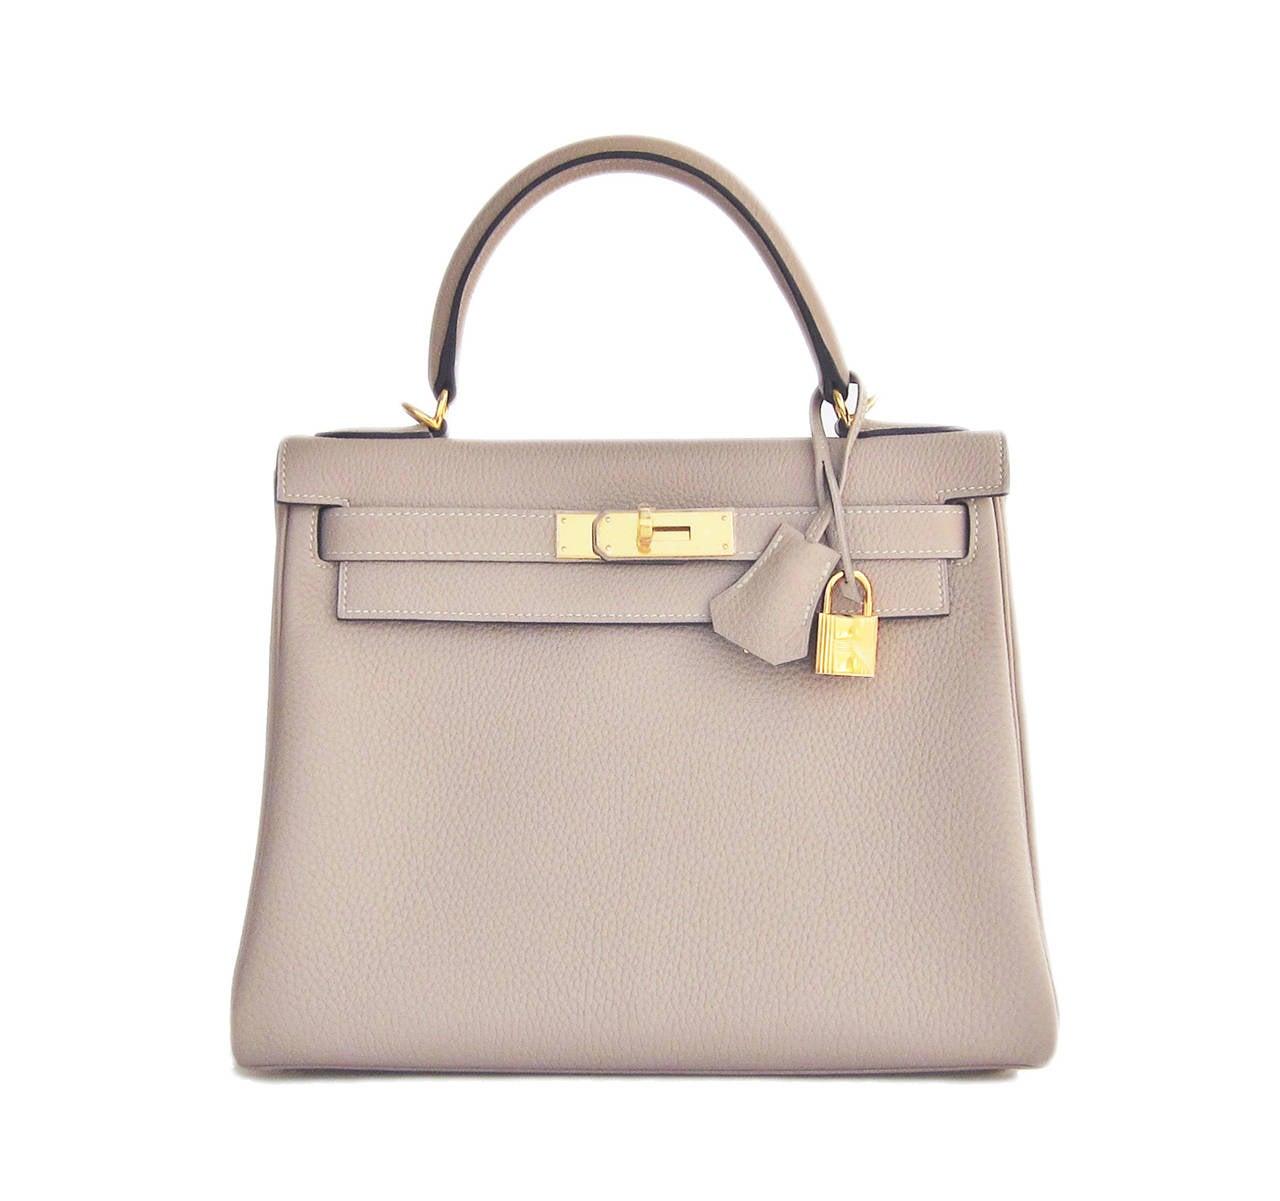 Hermes Gris Tourterelle 28cm Togo Kelly Gold GHW Shoulder Bag Perfection 7